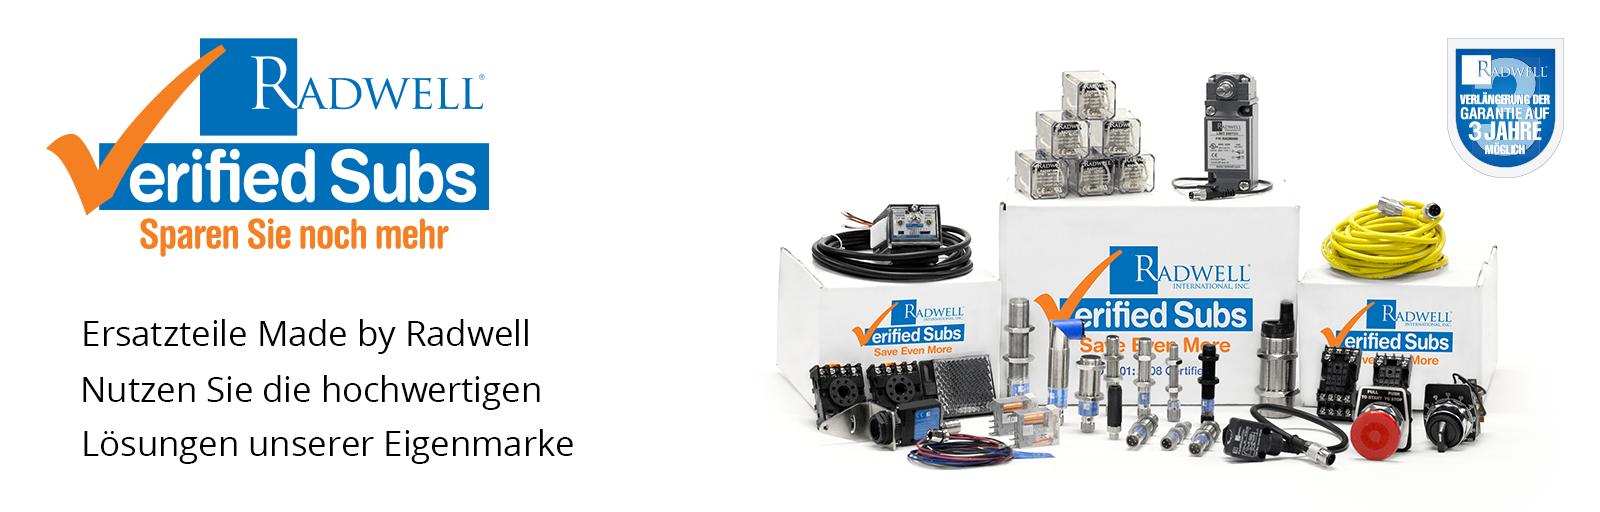 Geprüfter Ersatz von Radwell Manufactured Automation-Teilen und -Komponenten